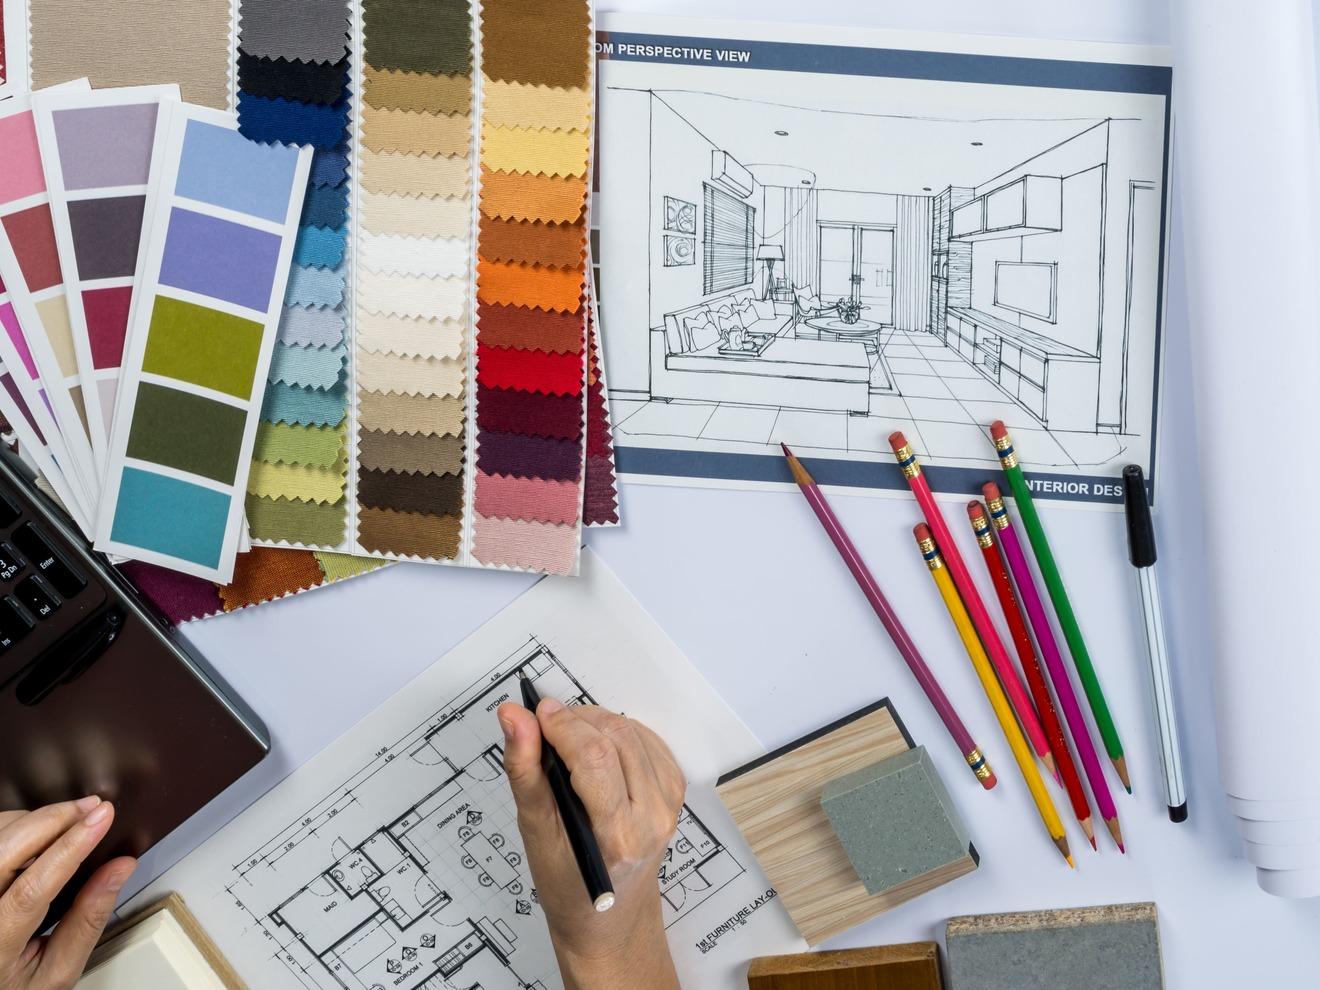 5分でわかるインテリアデザイナー!仕事内容や年収、必要な資格を解説